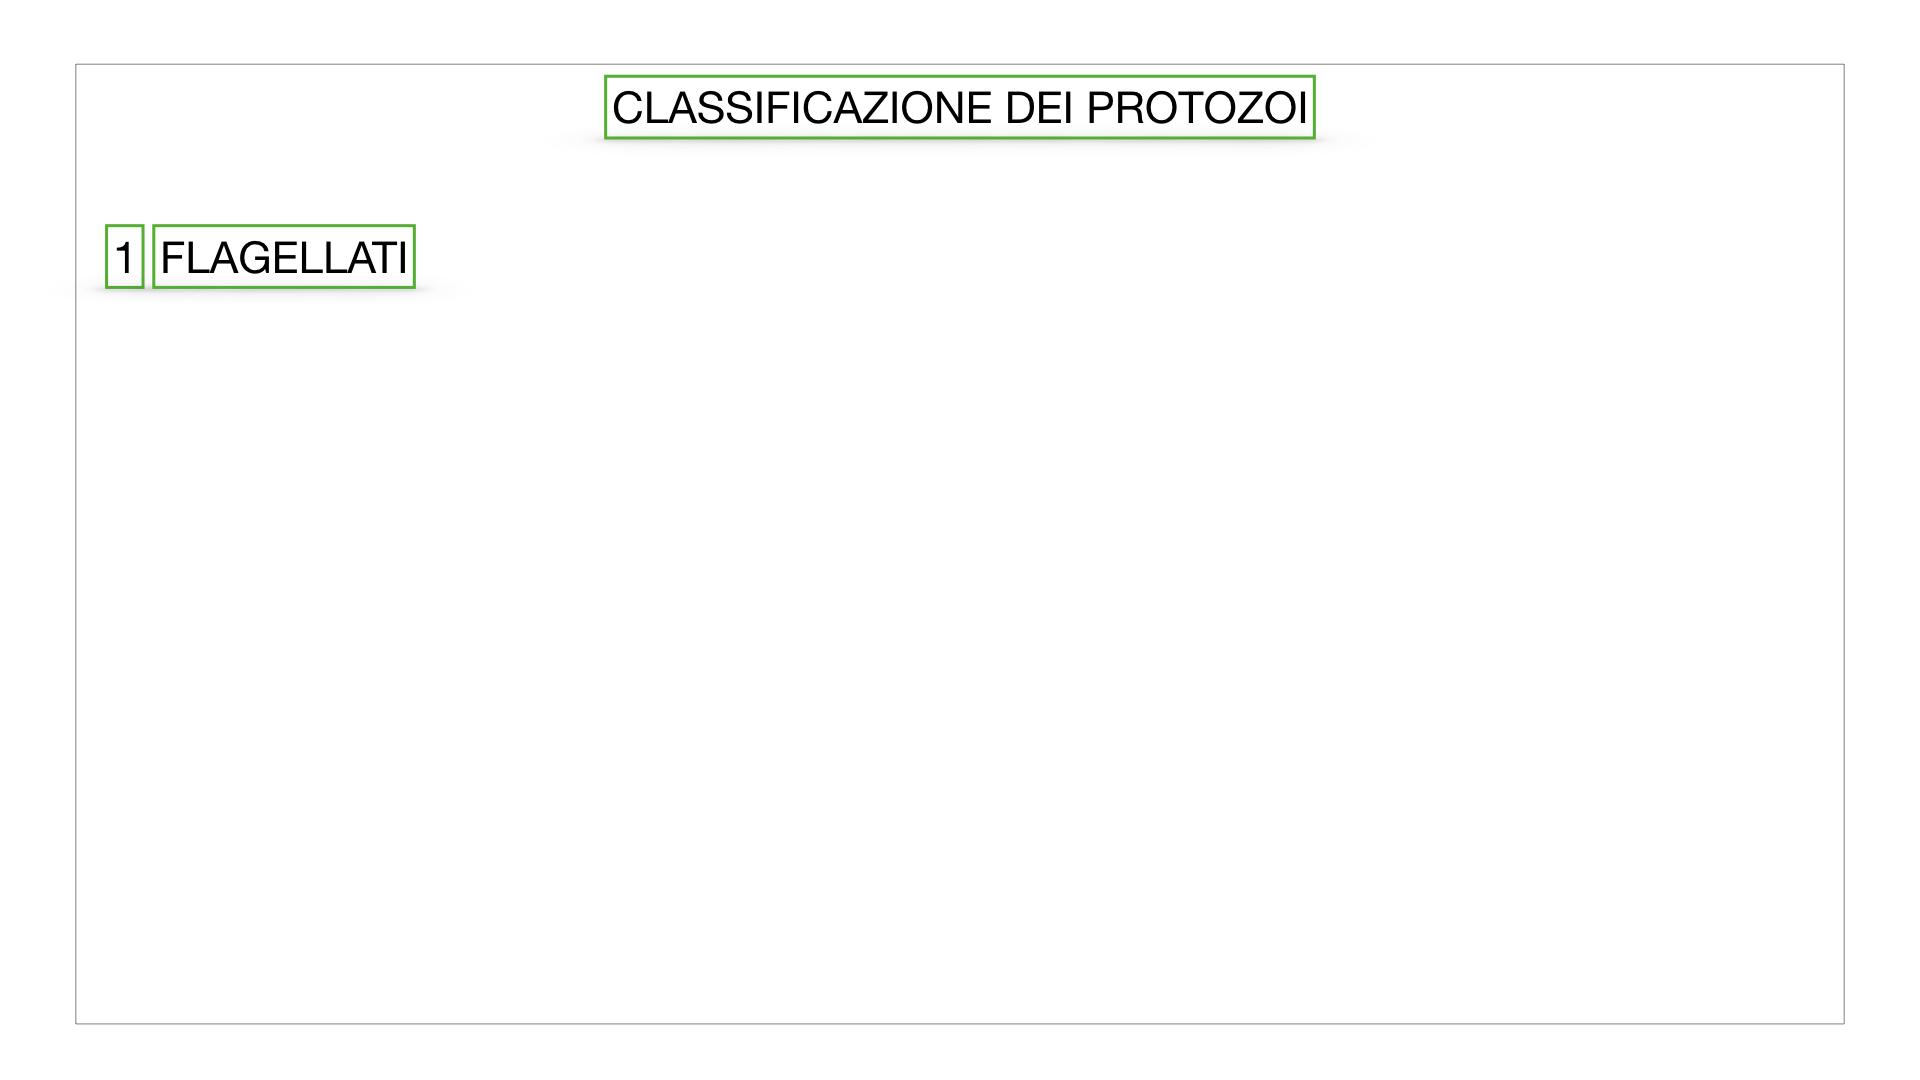 6. PROTOZOI_classificazione_SIMULAZIONE.011